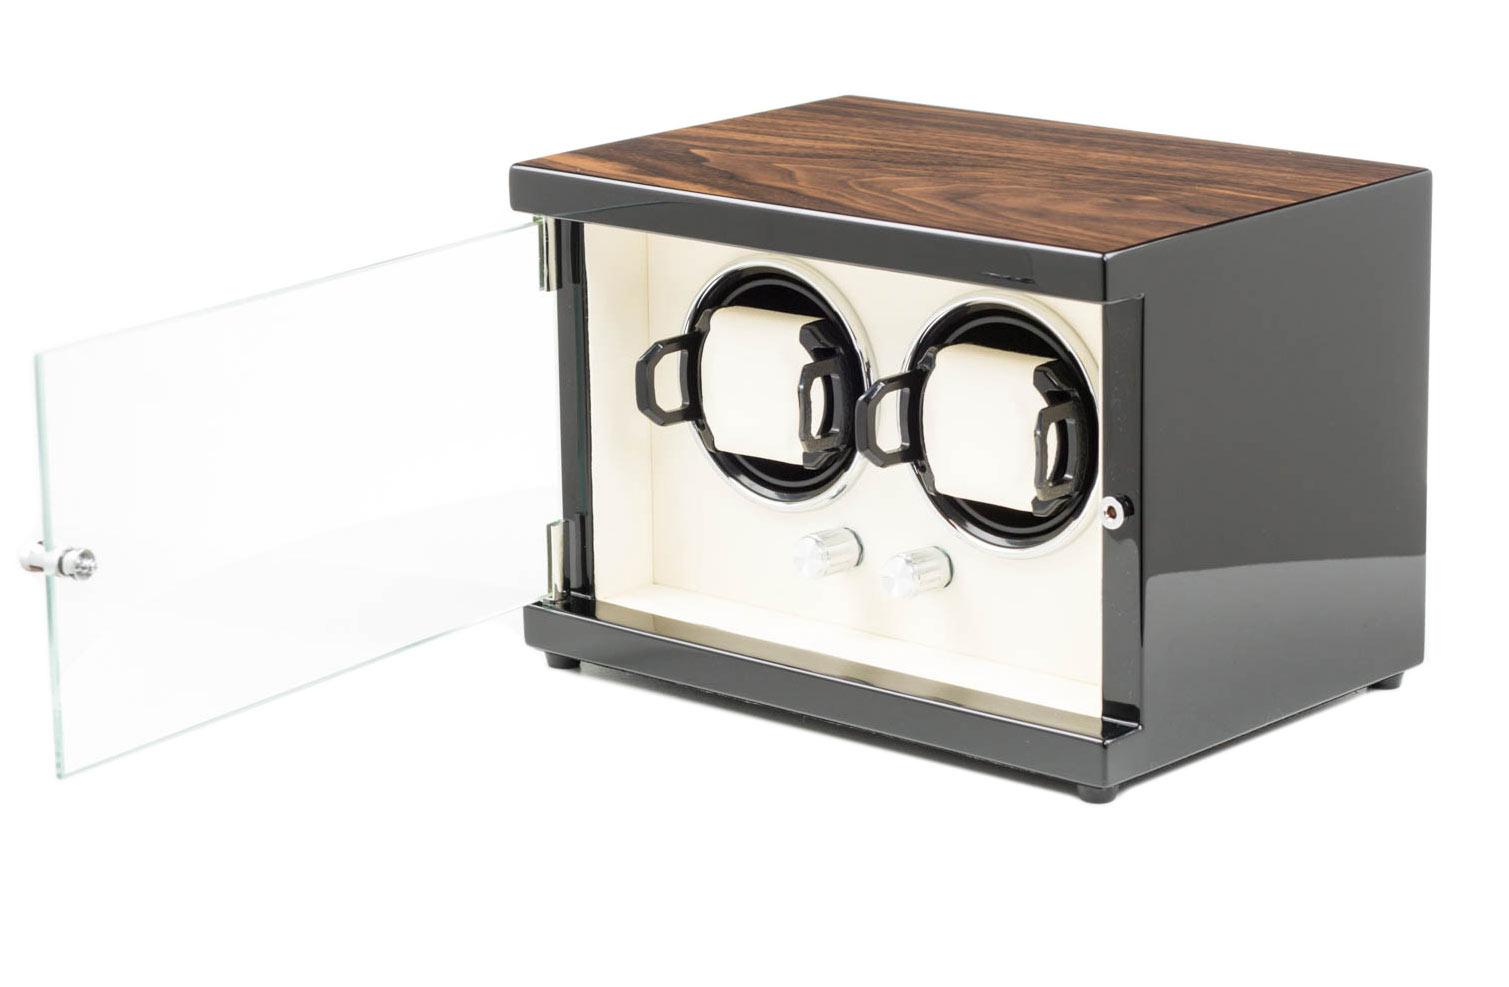 15.02.92 Шкатулка для 2 часов с подзаводом. Глянцевый деревянный корпус, внутренняя отделка кожа. Питание – сеть.